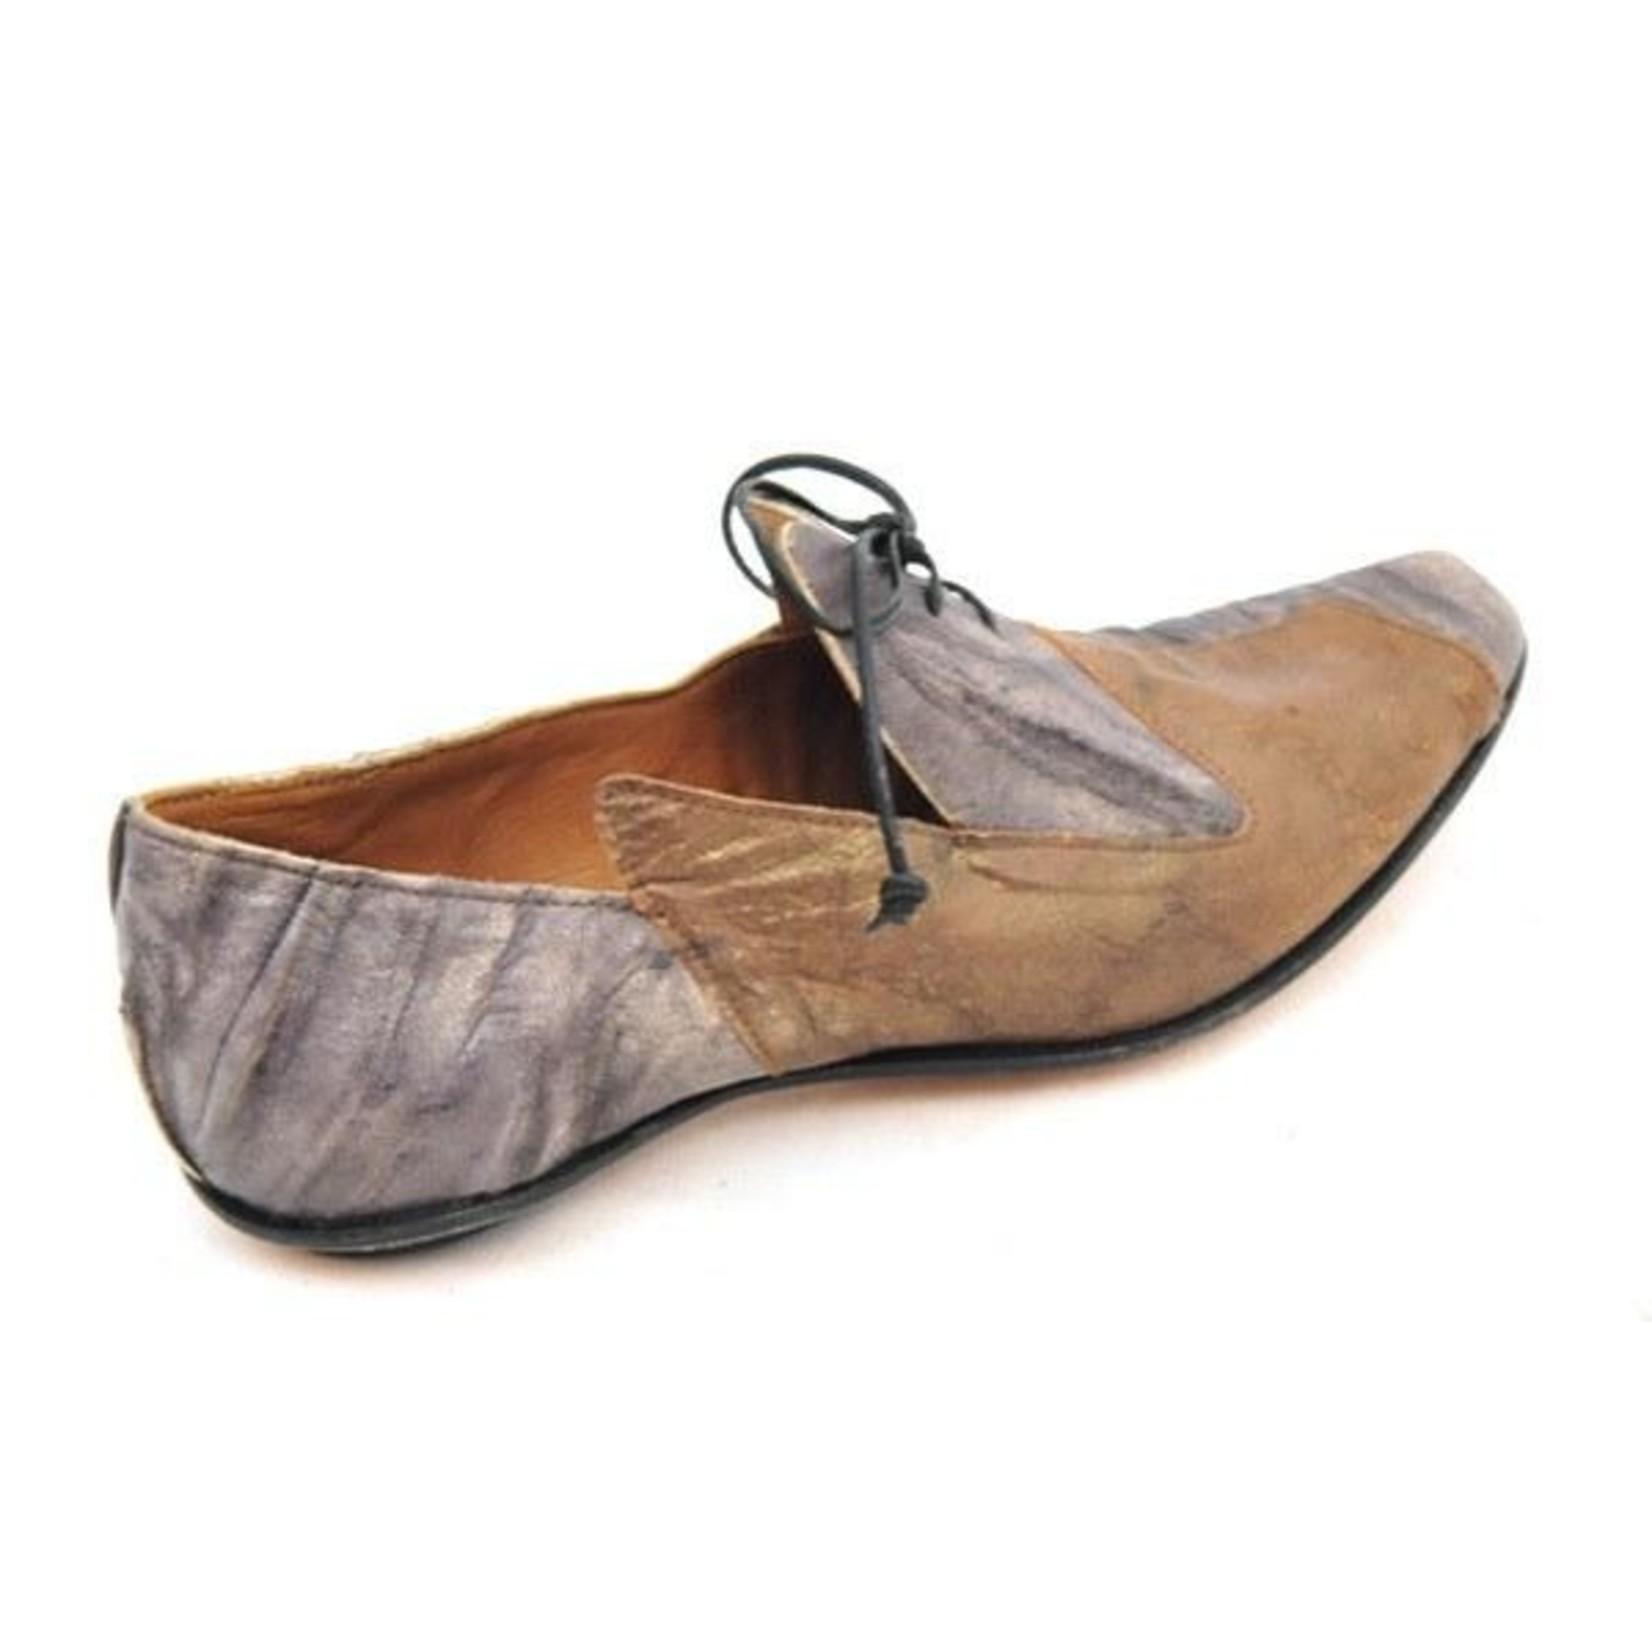 Cydwoq Sect Shoe